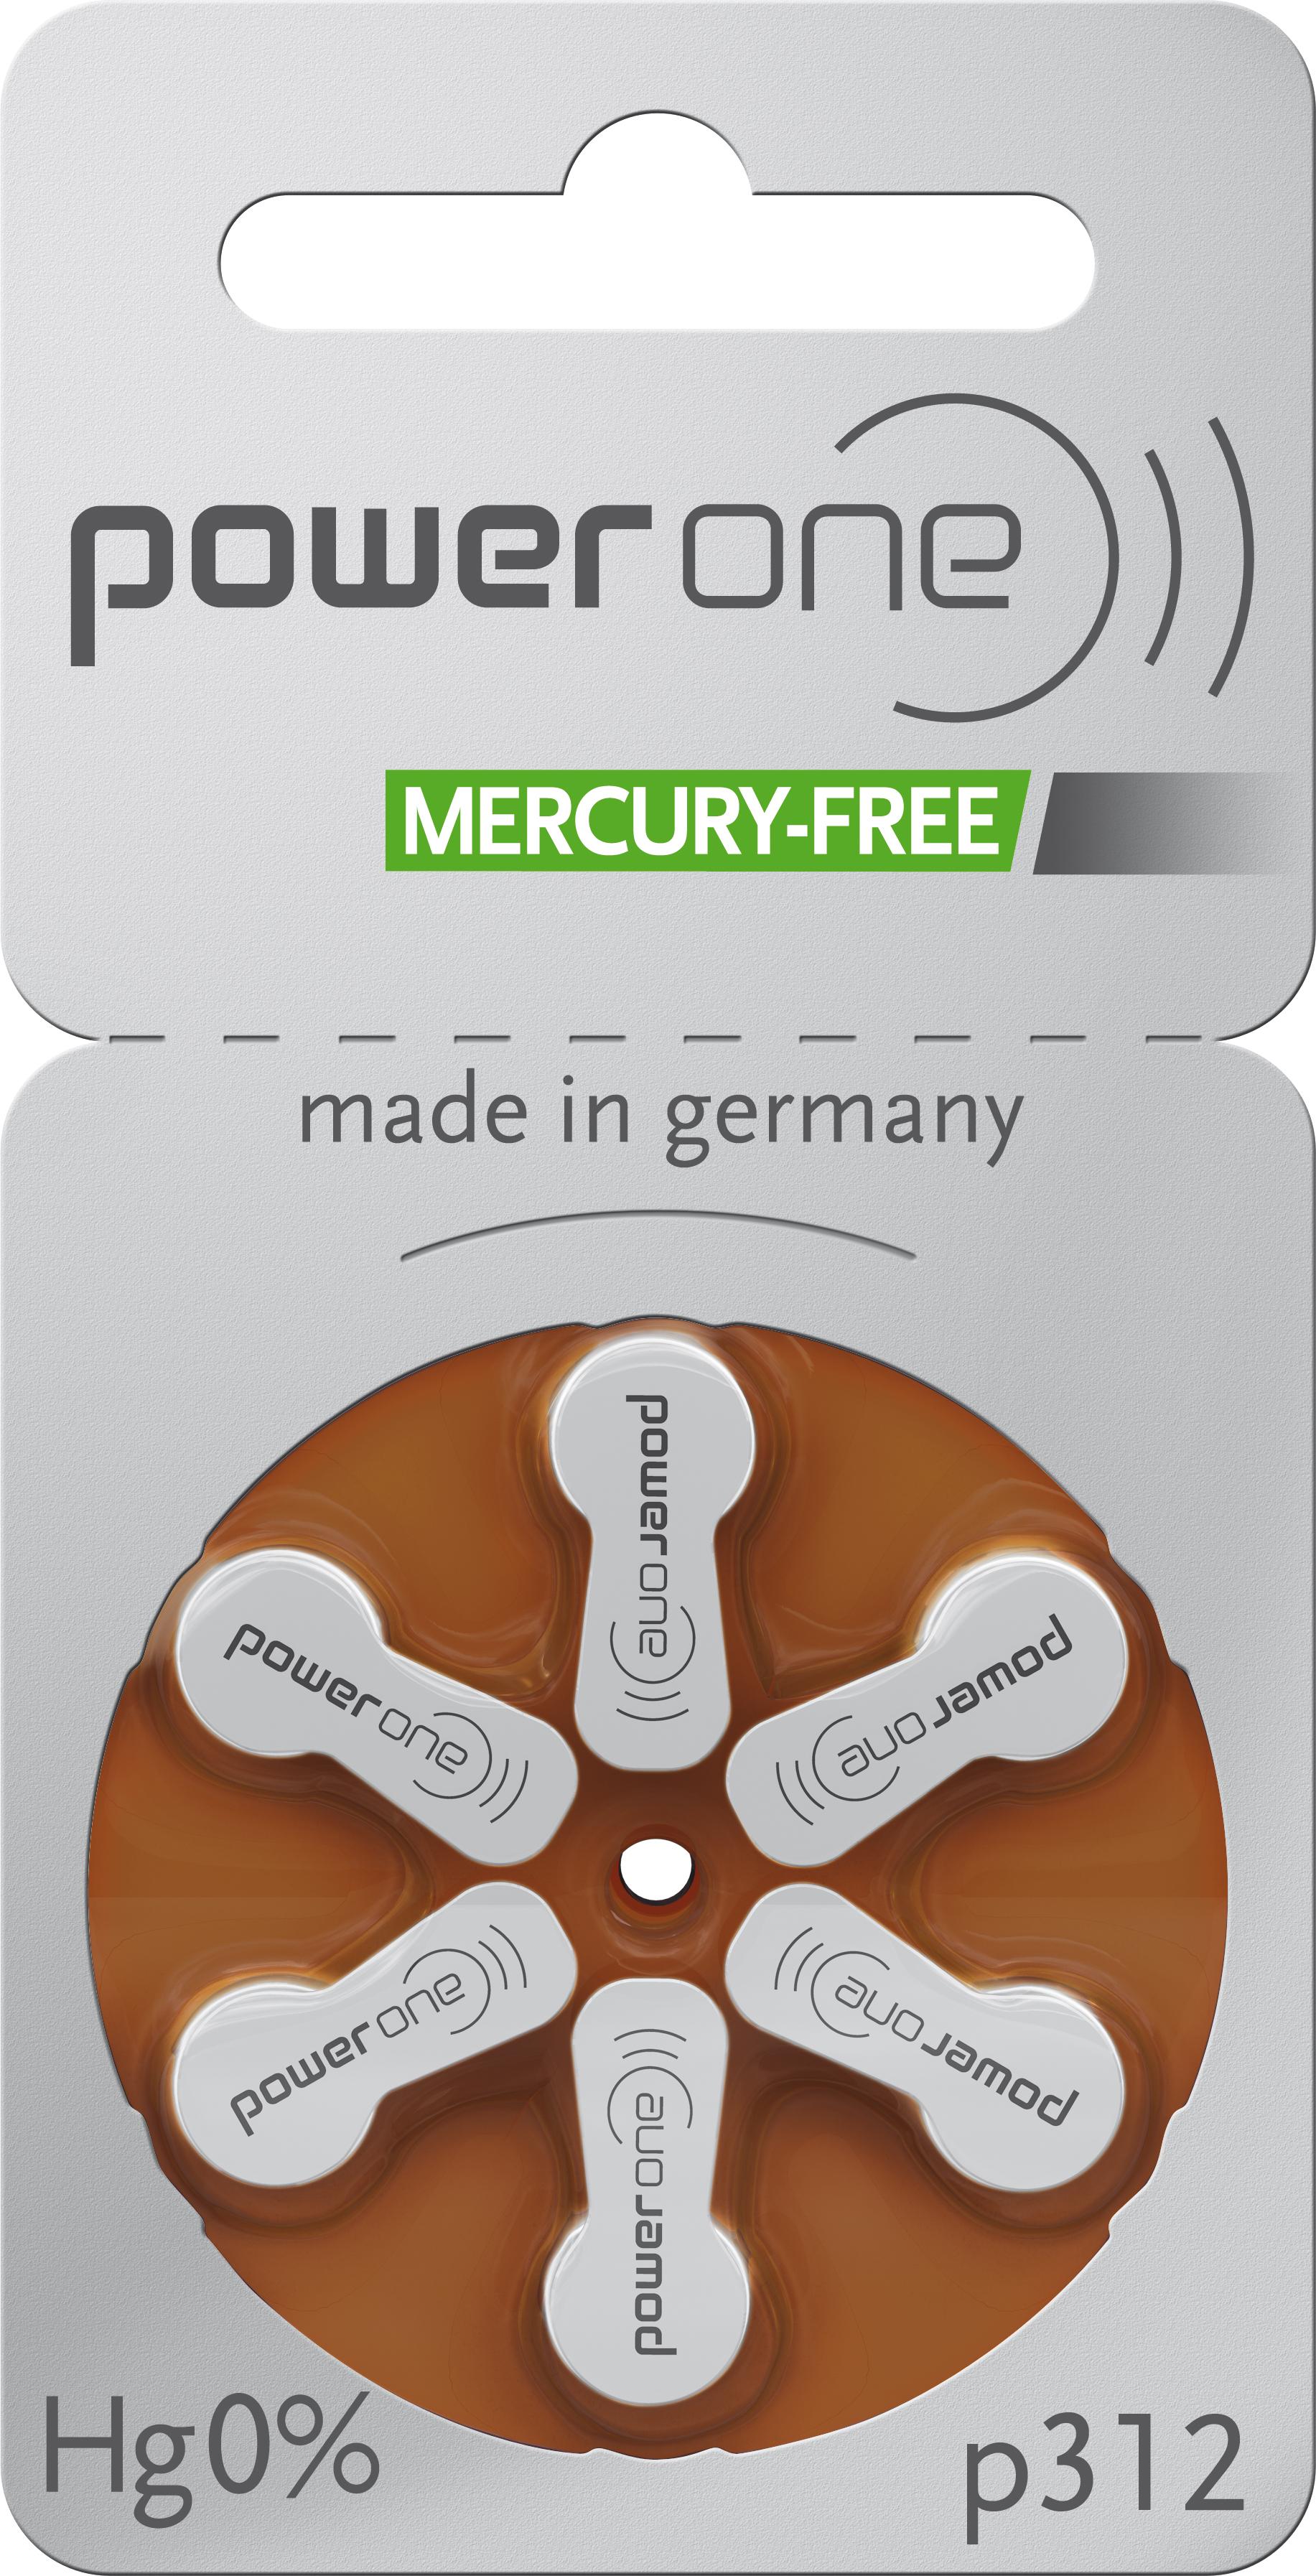 Hörgerätebatterien Typ 312 Günstig Kaufen Hörwerkstatt